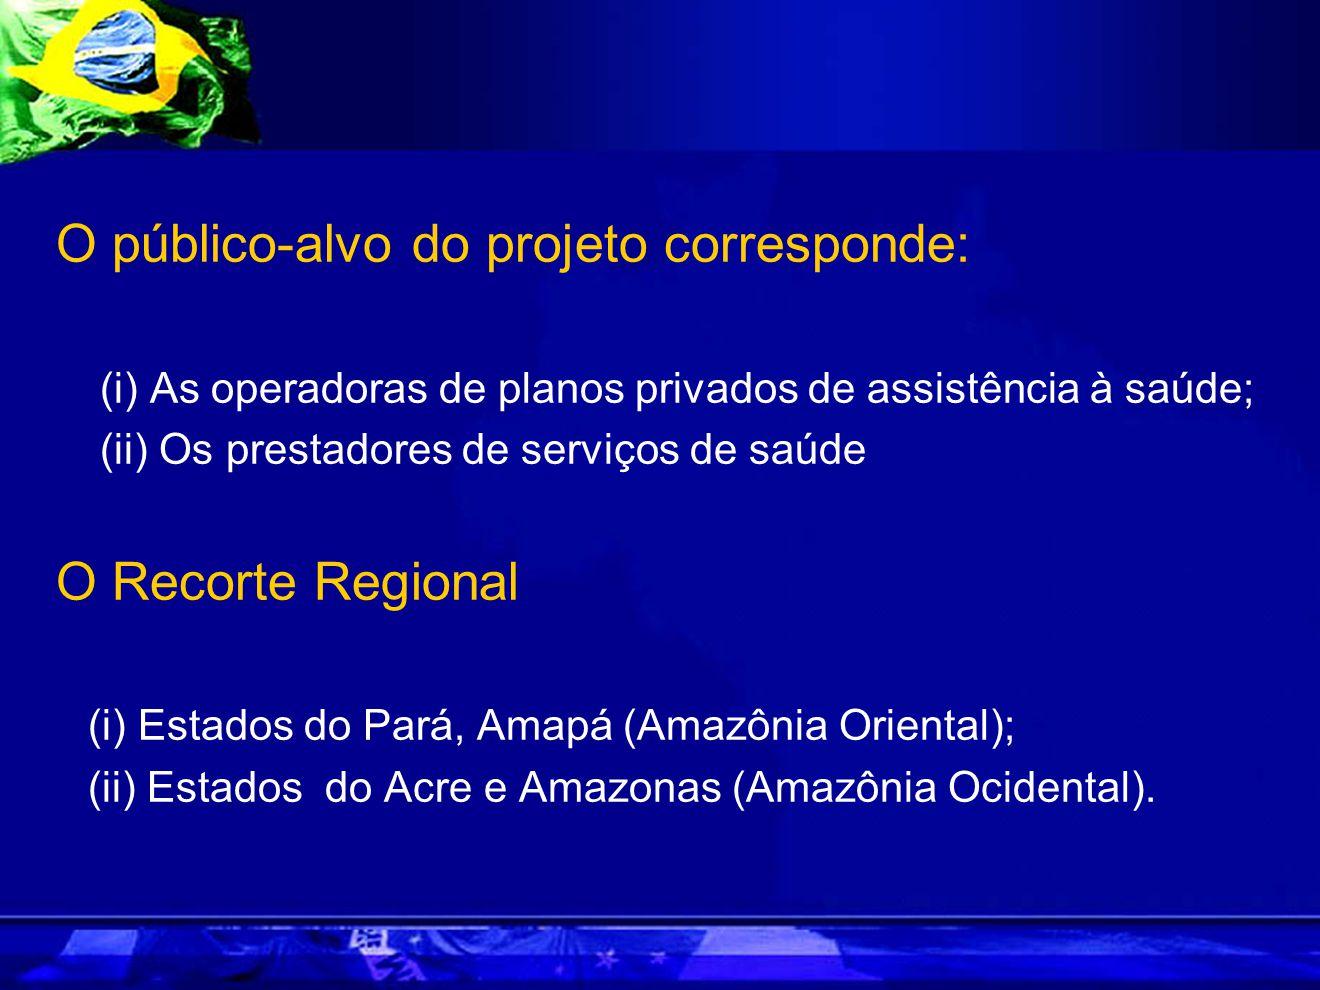 O público-alvo do projeto corresponde: (i) As operadoras de planos privados de assistência à saúde; (ii) Os prestadores de serviços de saúde O Recorte Regional (i) Estados do Pará, Amapá (Amazônia Oriental); (ii) Estados do Acre e Amazonas (Amazônia Ocidental).